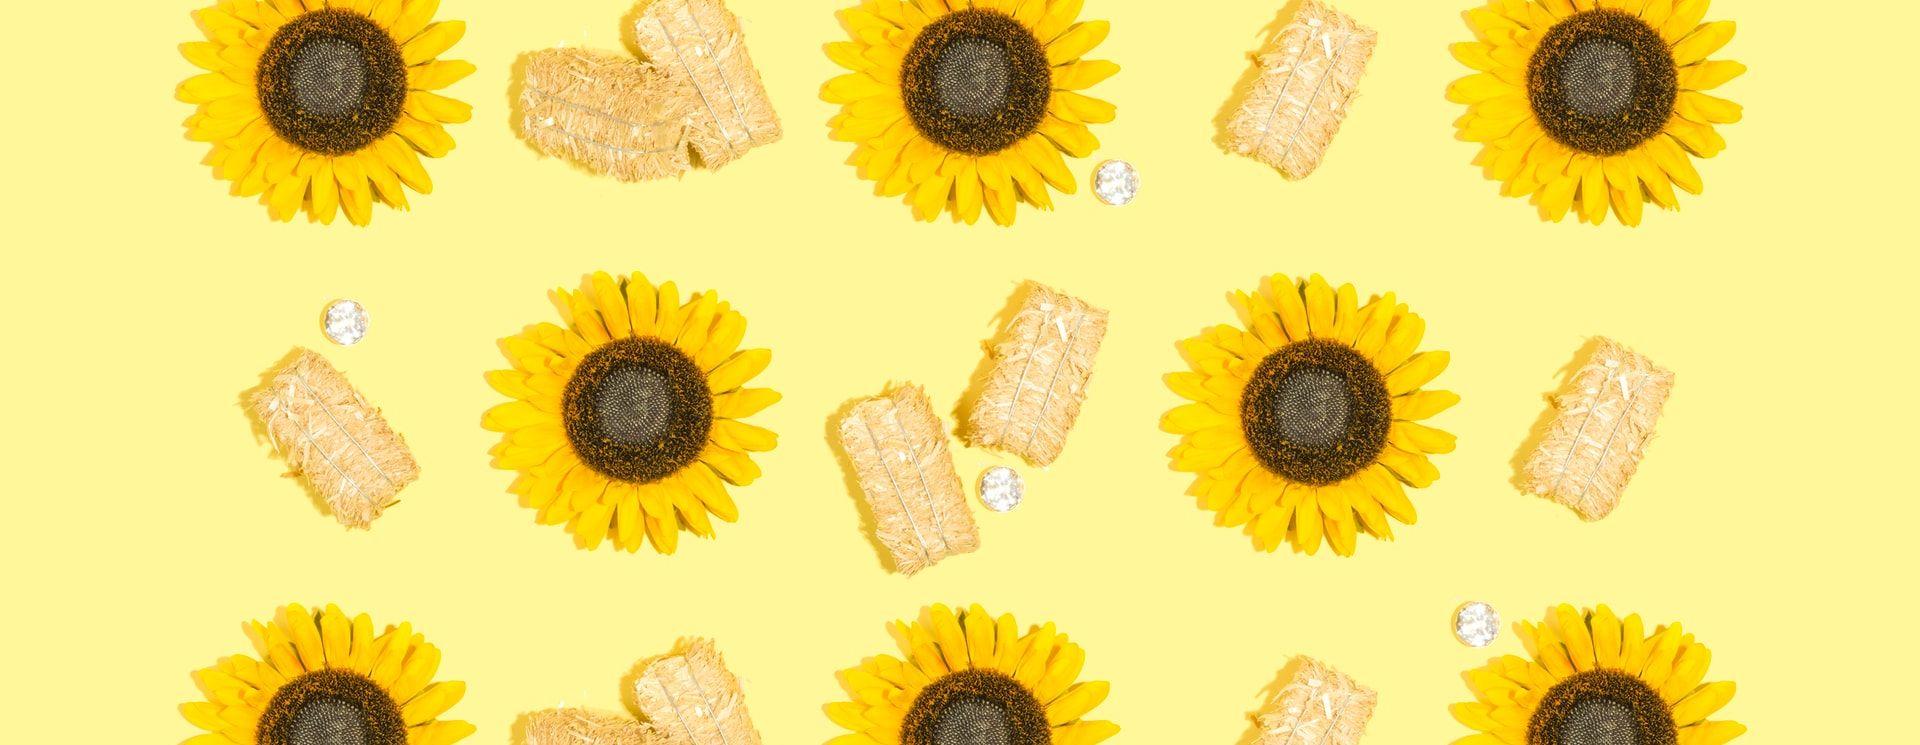 Semillas de girasol: beneficios y propiedades para la salud - Featured image